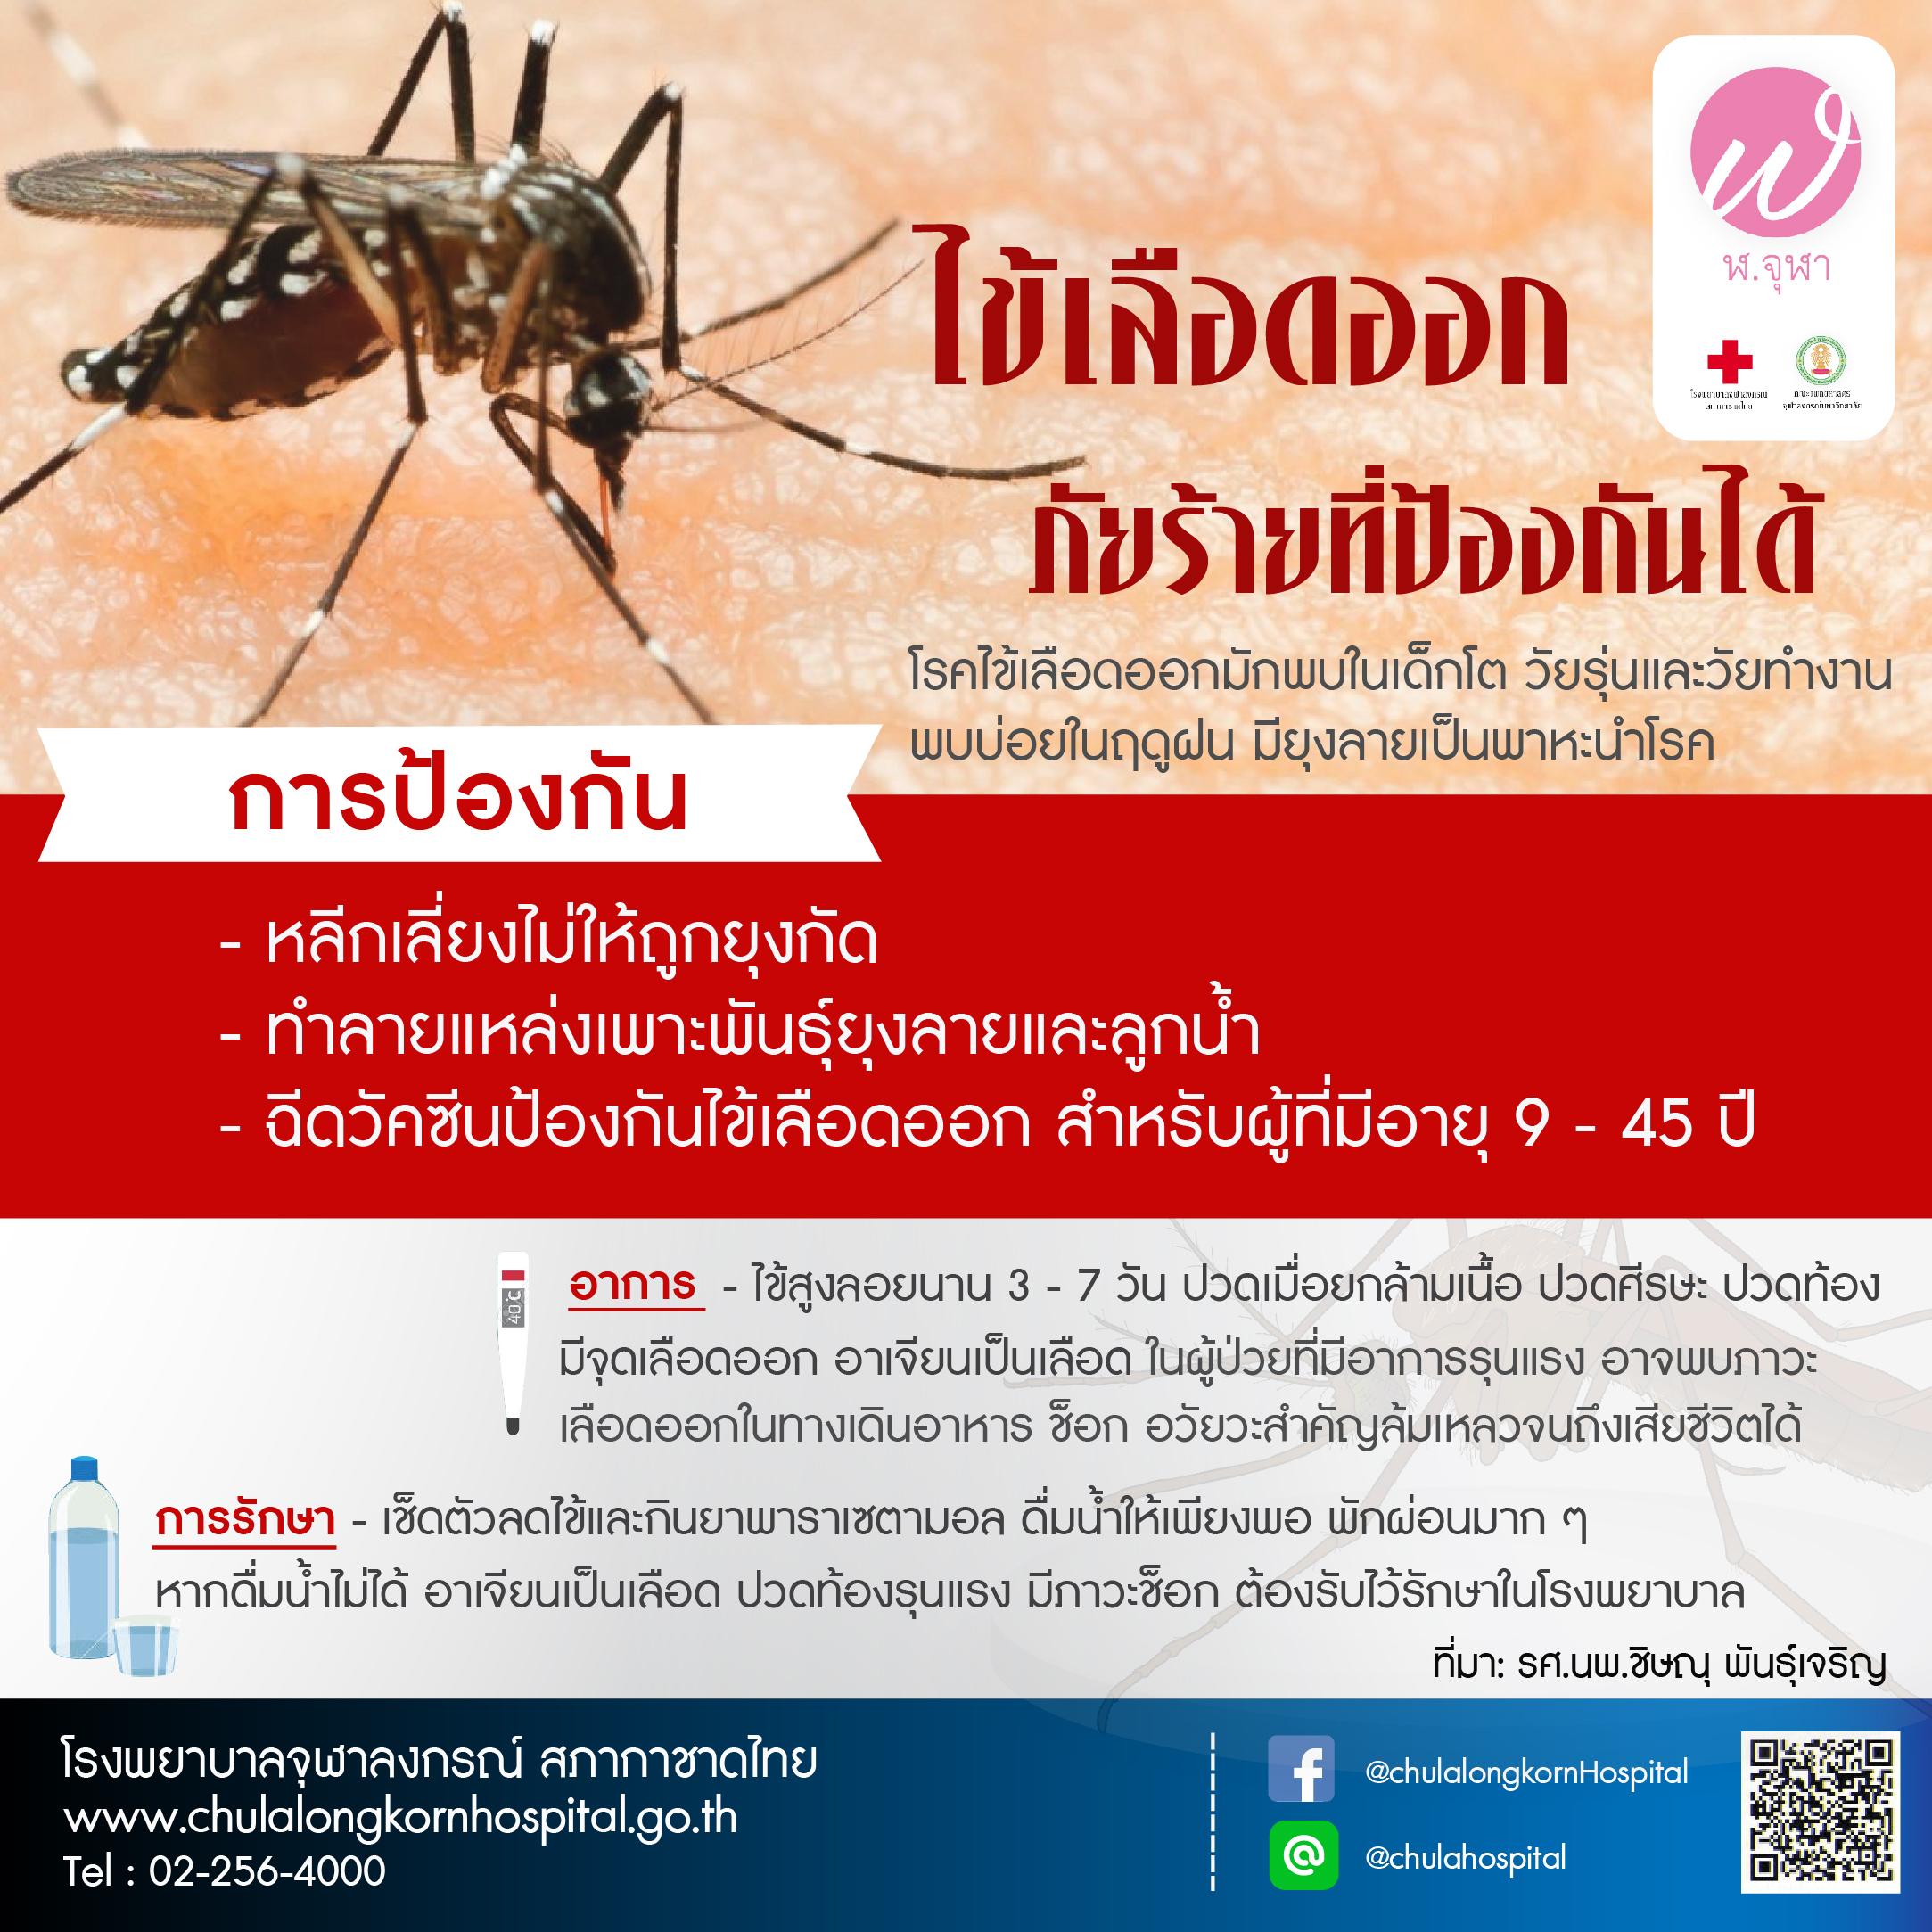 ไข้เลือดออก ภัยร้ายที่ป้องกันได้